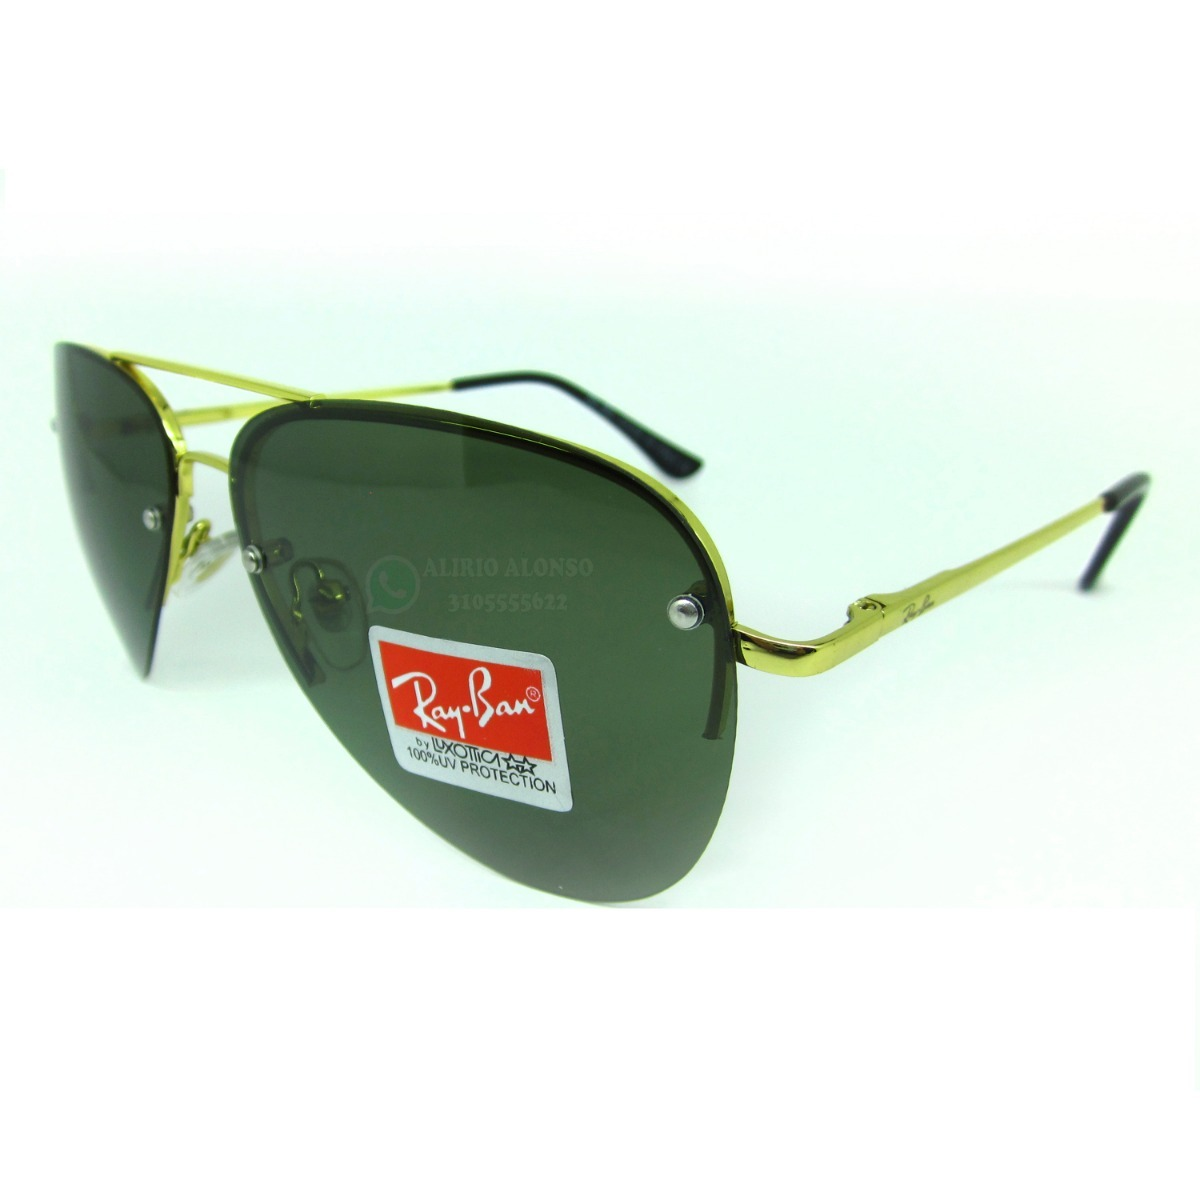 d619397eeb126 gafas ray ban piloto aviador polarizadas dorado 53mm 50% off. Cargando zoom.